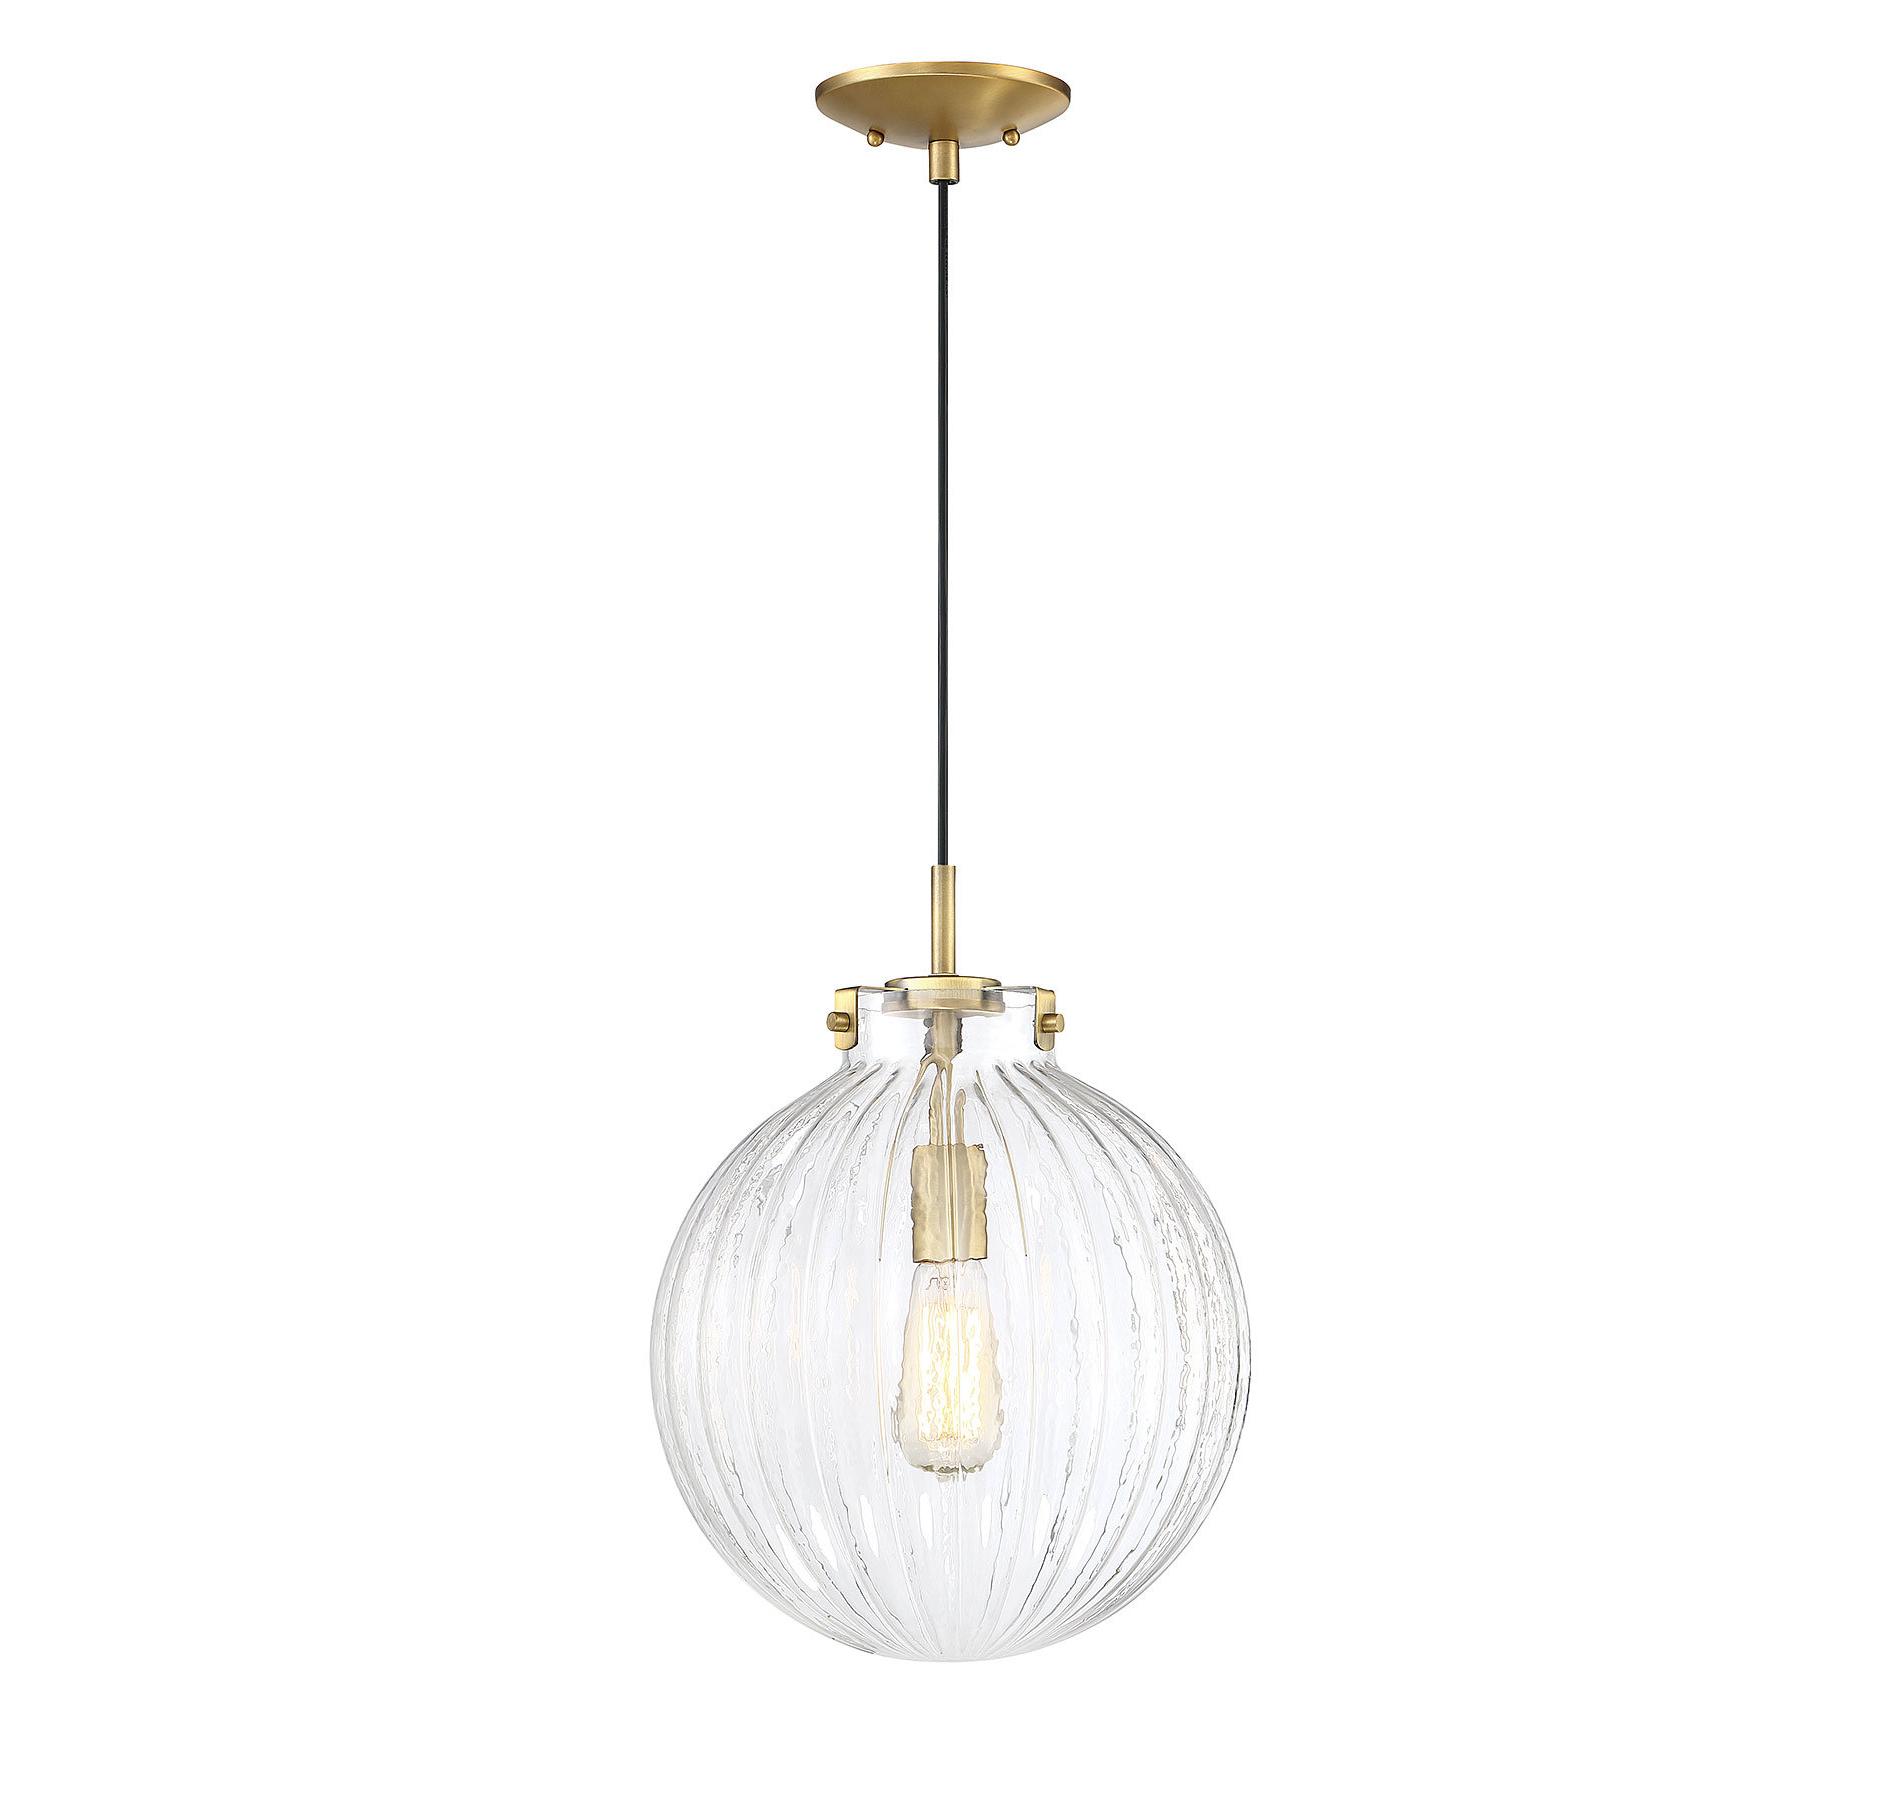 2019 Nevels 1 Light Single Globe Pendant For Cayden 1 Light Single Globe Pendants (View 10 of 25)